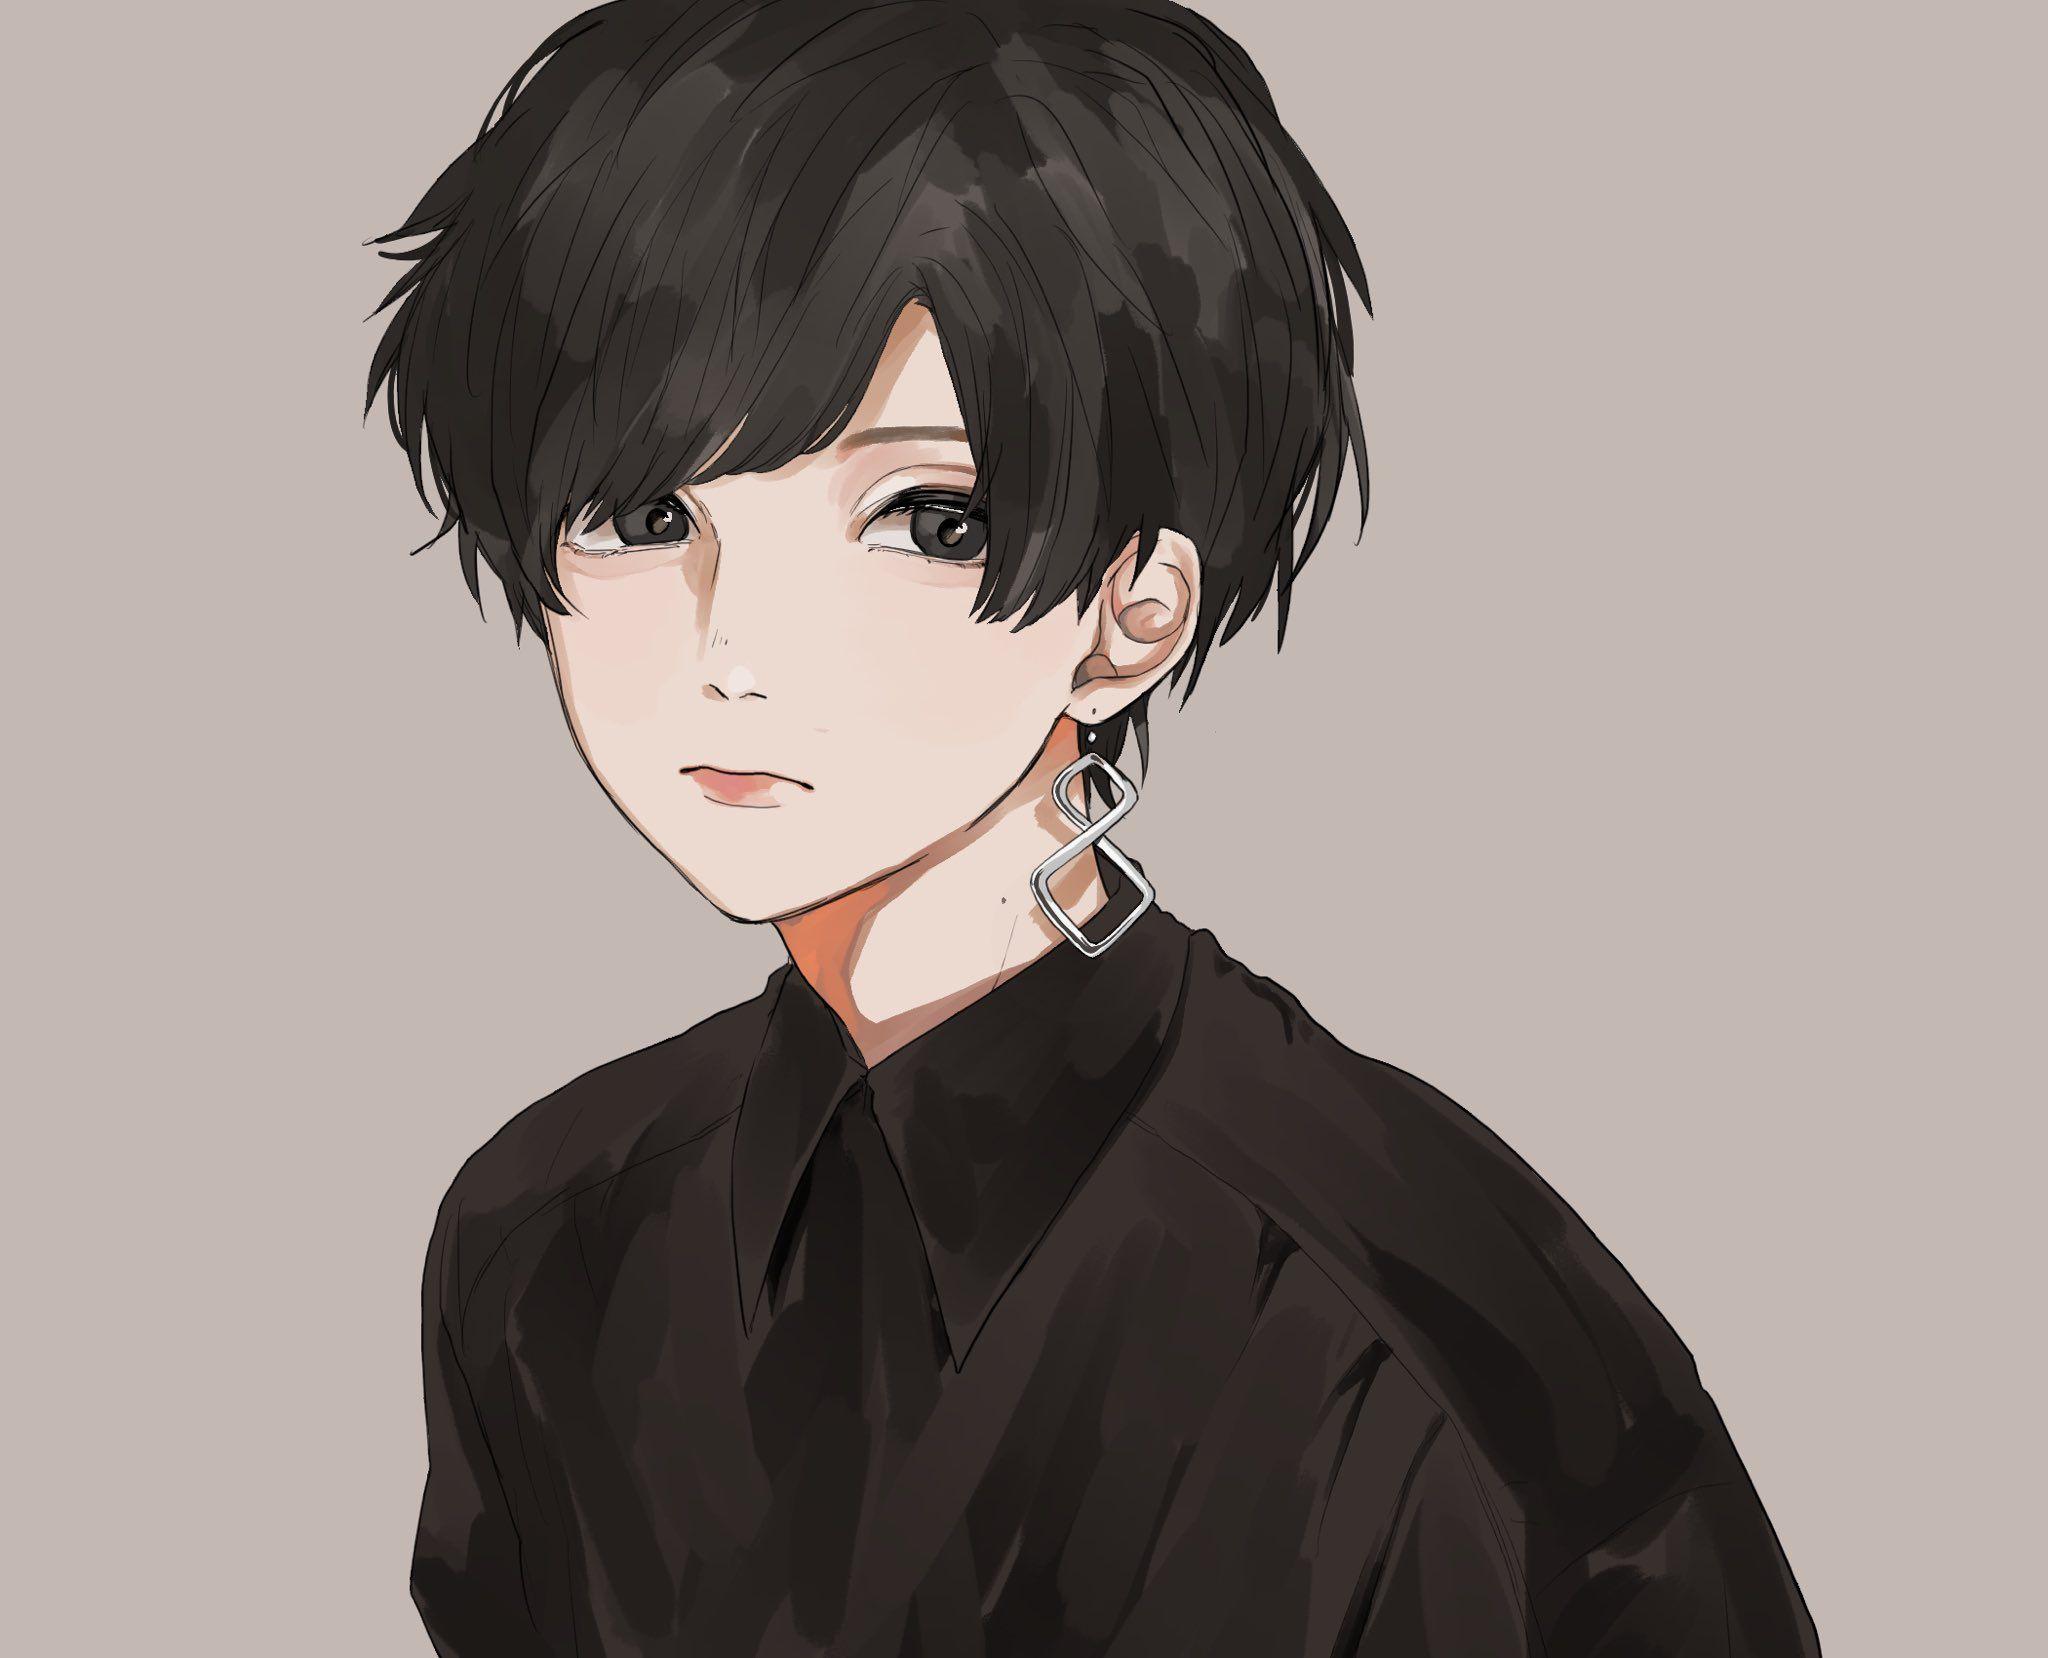 「Bad boy anime」おしゃれまとめの人気アイデア|Pinterest|•°'ѕlєєpч_mσchα